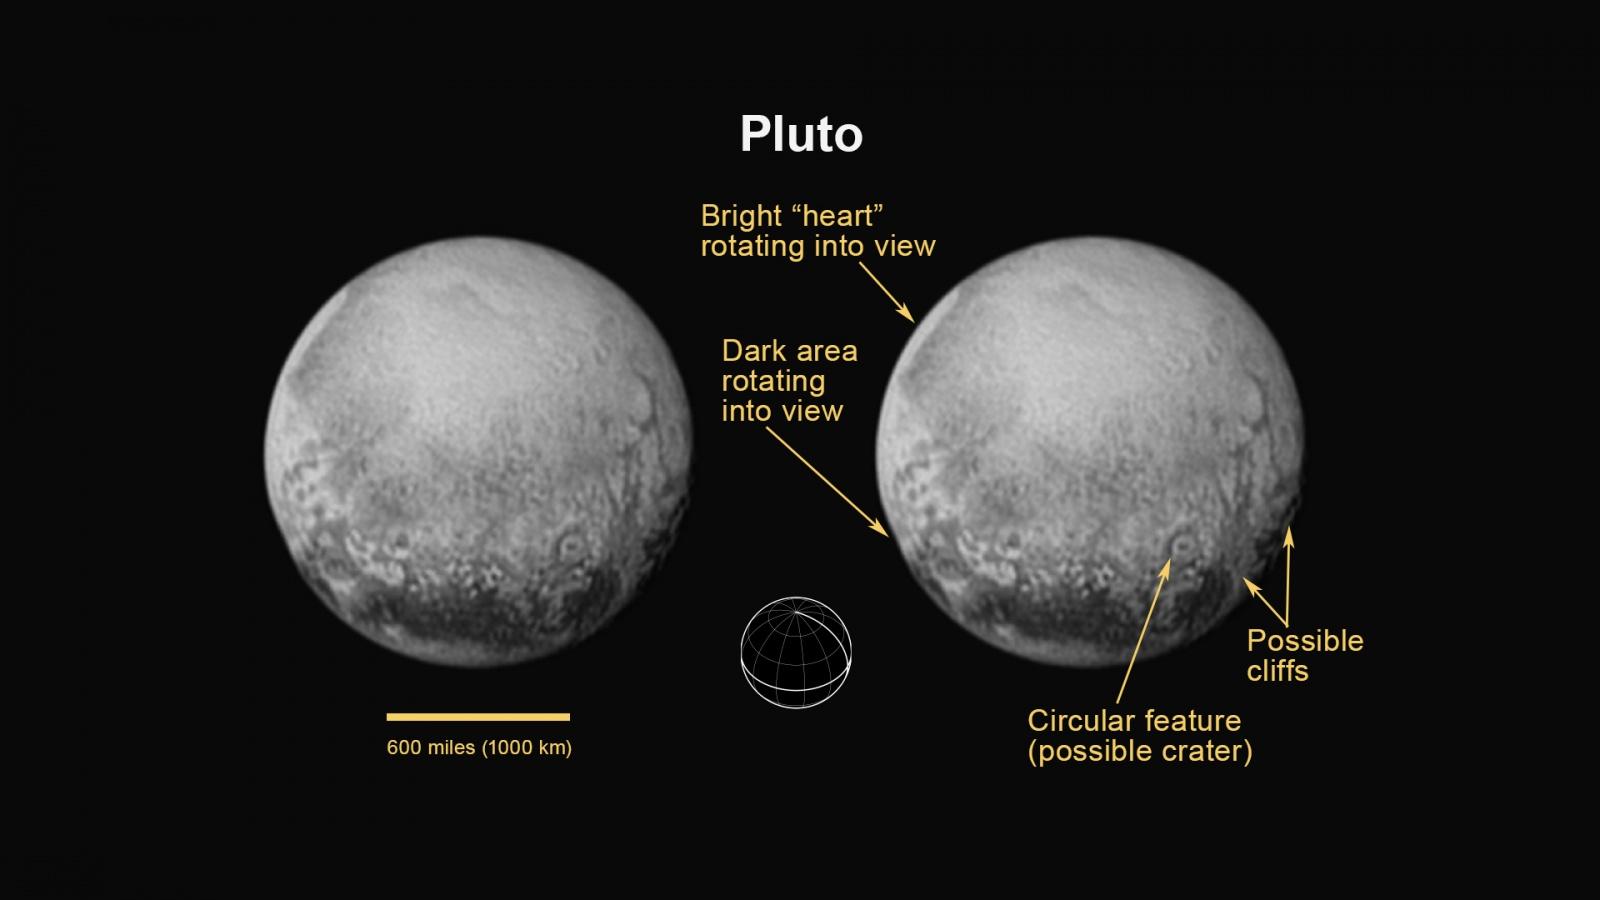 Завтра New Horizons подойдет к Плутону на минимальное расстояние - 5